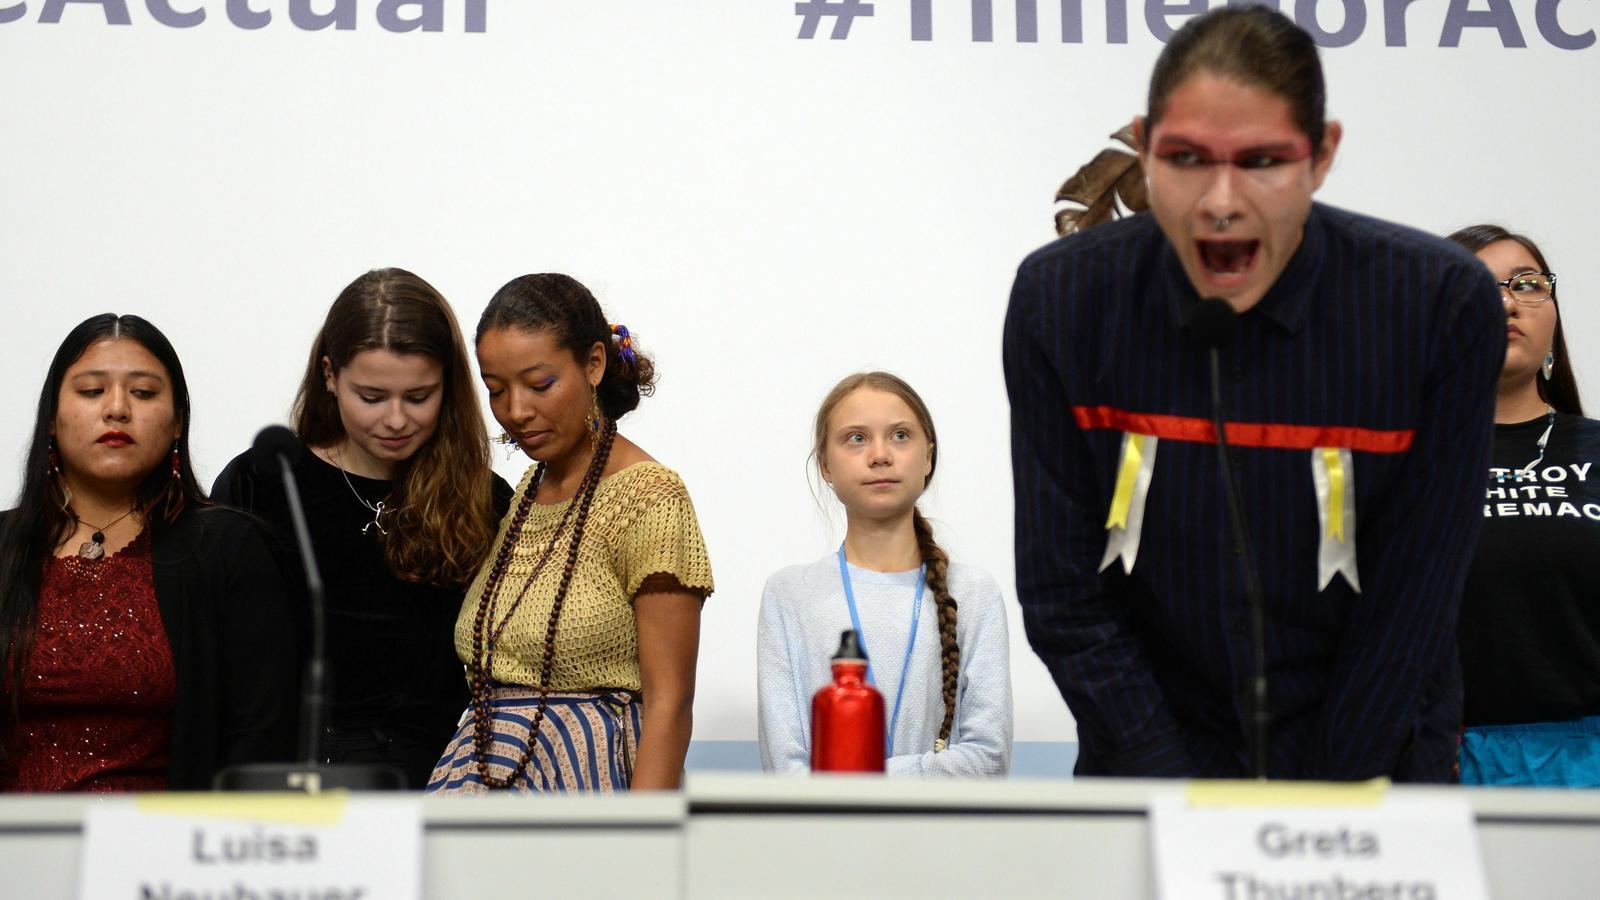 Greta Thunberg no està sola: joves activistes denuncien la crisi climàtica com l'abisme global entre rics i pobres